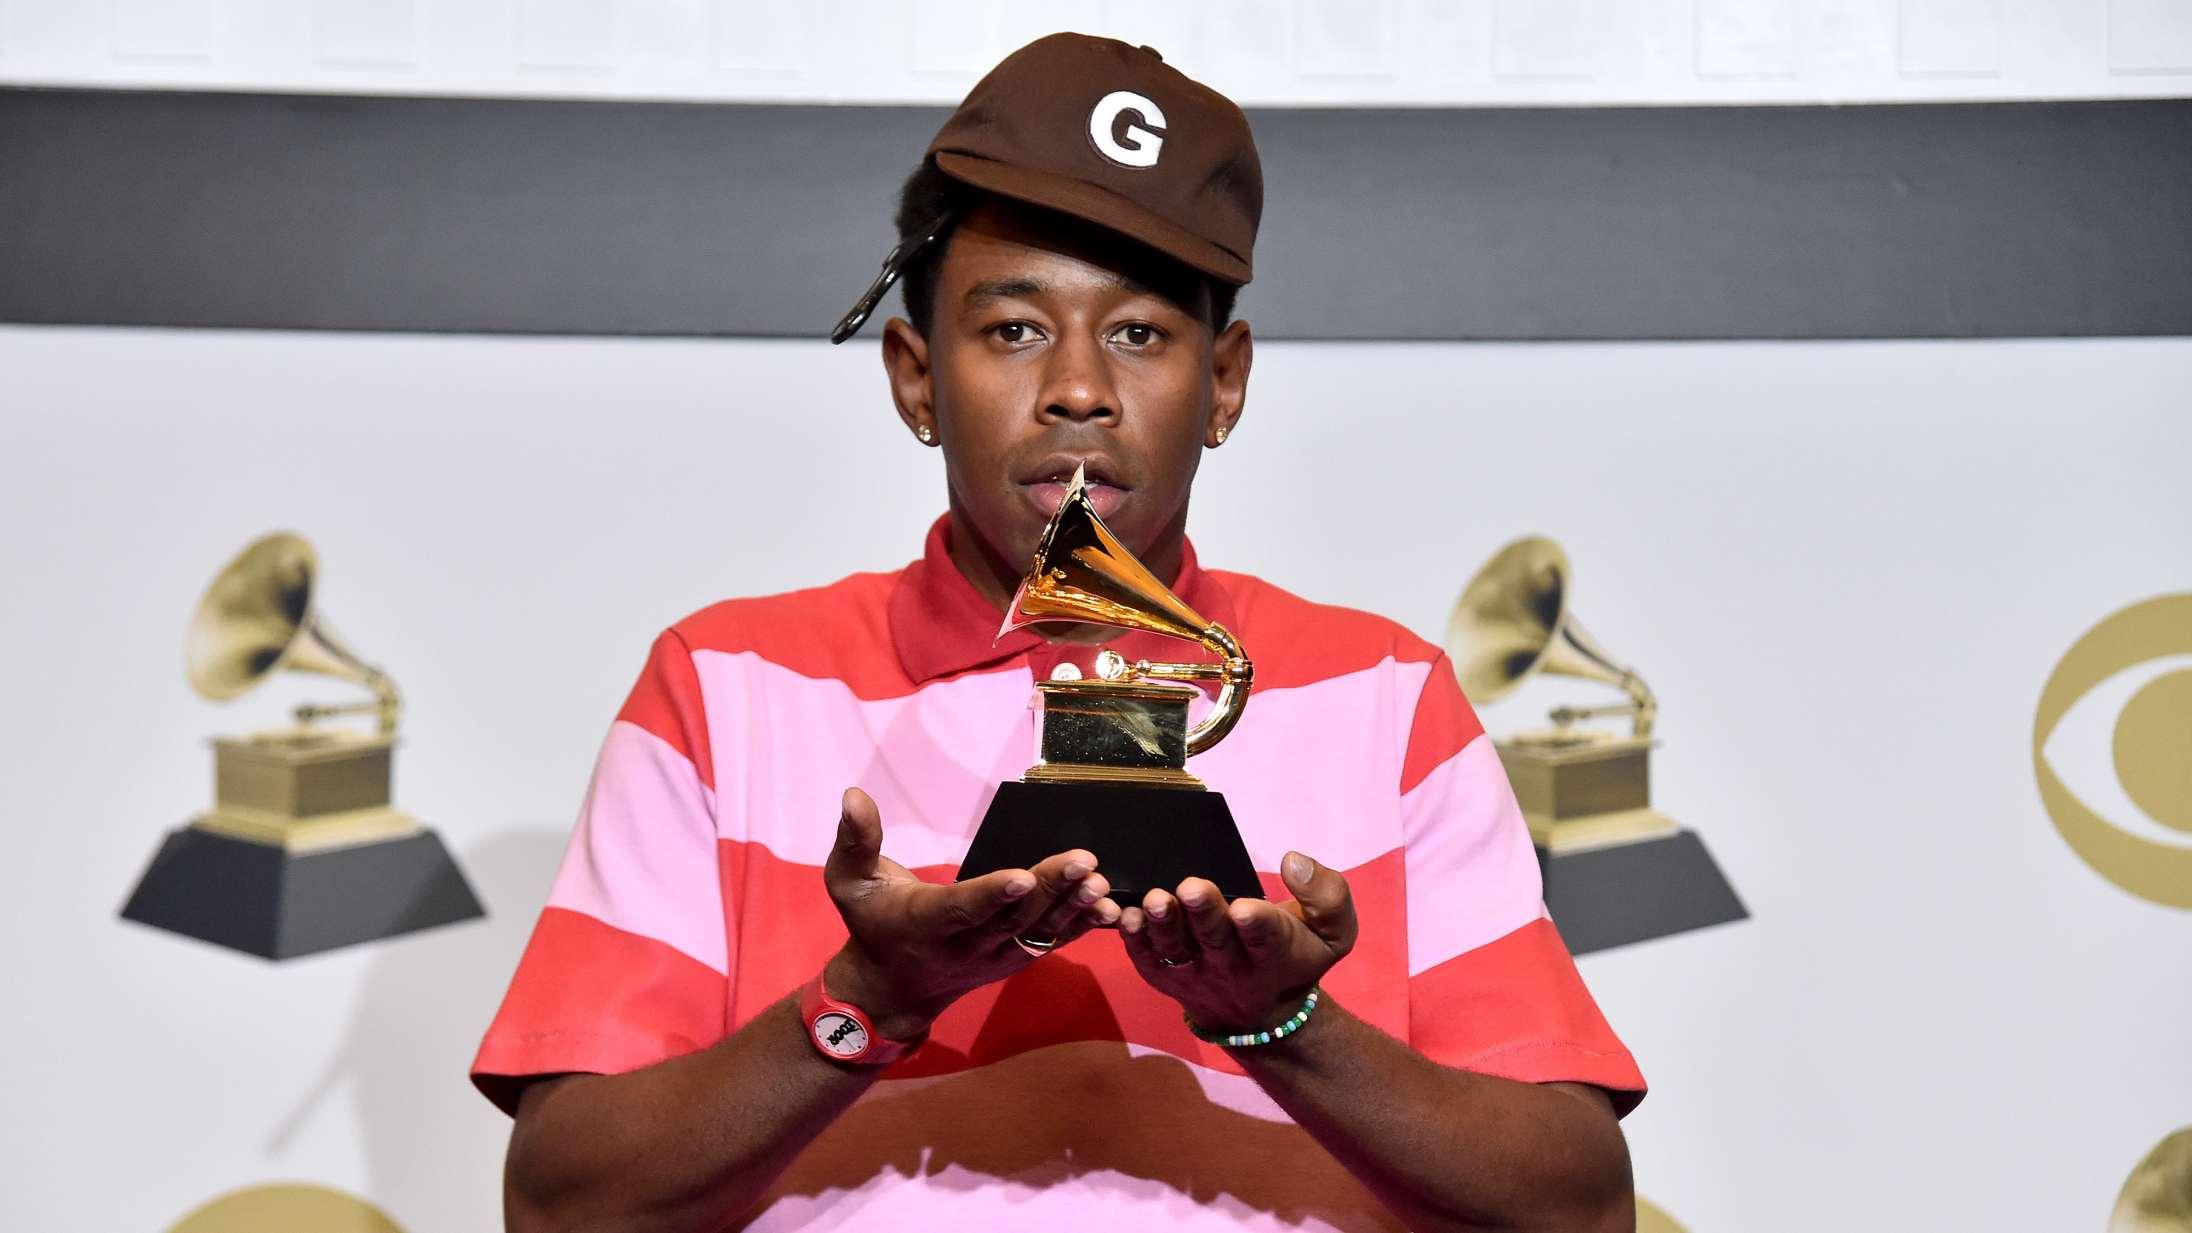 Er der overhovedet nogen, der tager verdens største musikpris alvorligt?